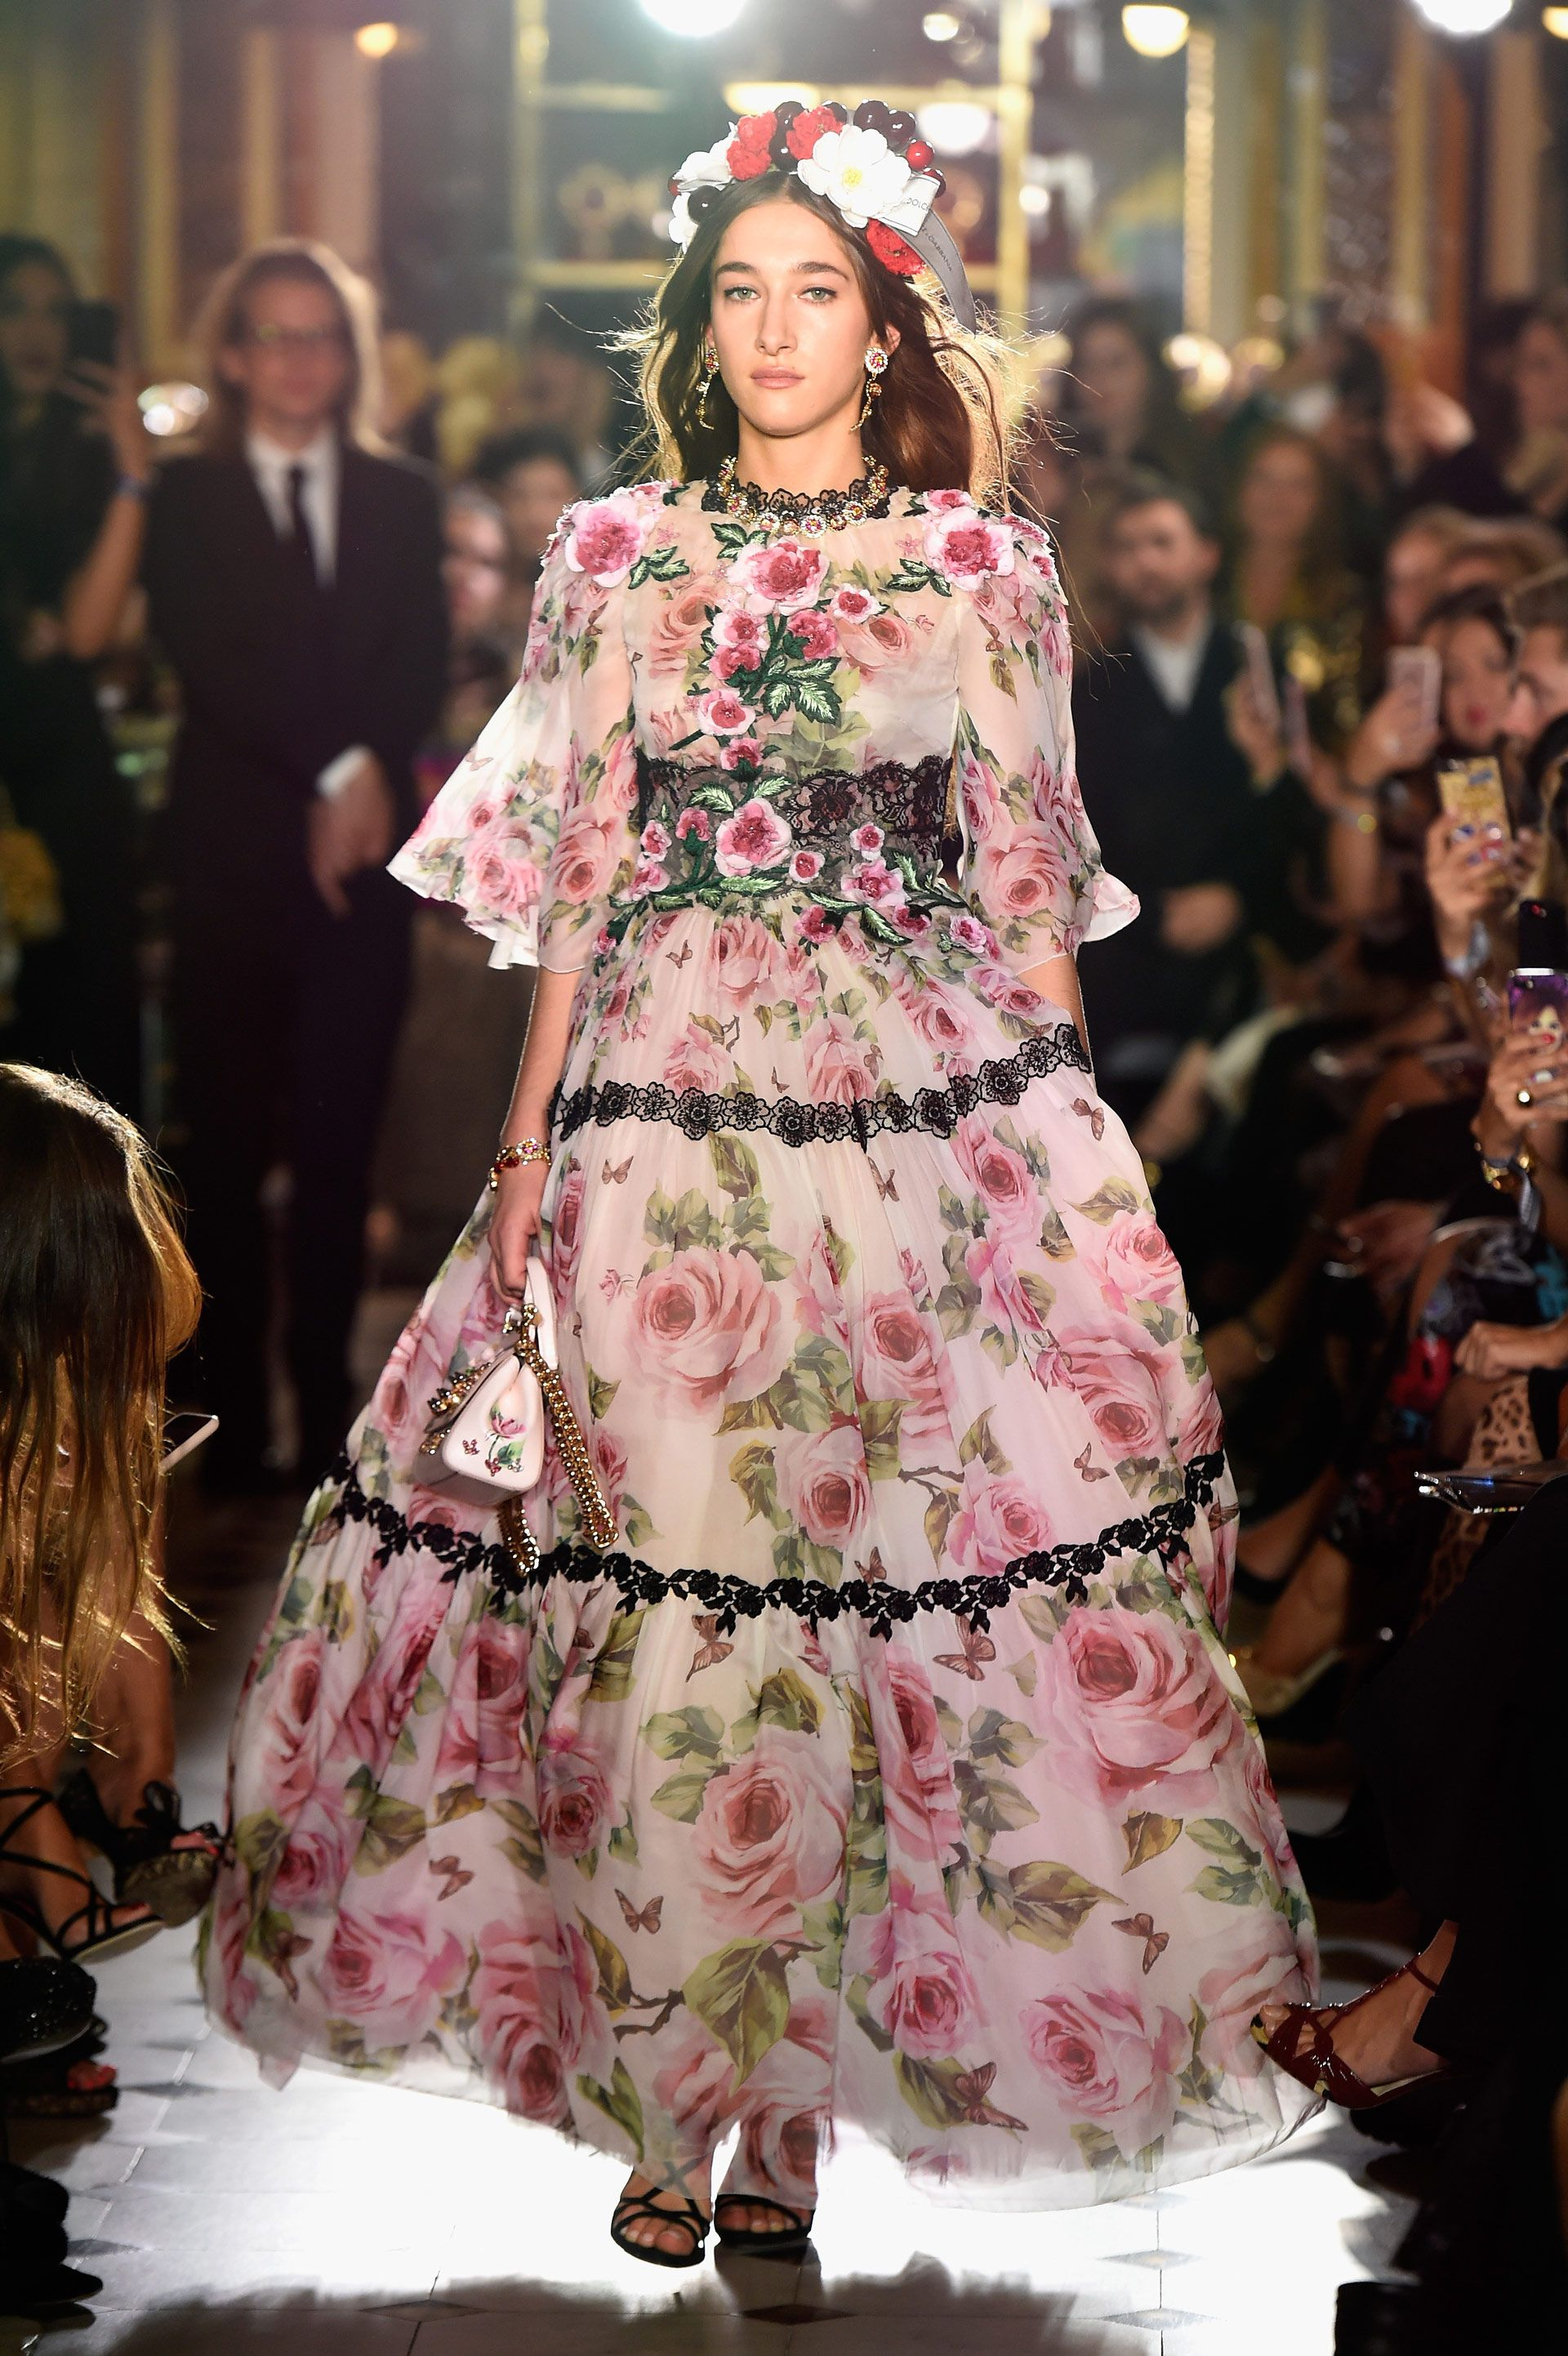 Scopri tutti i dettagli della sfilata Dolce & Gabbana per il Natale ...